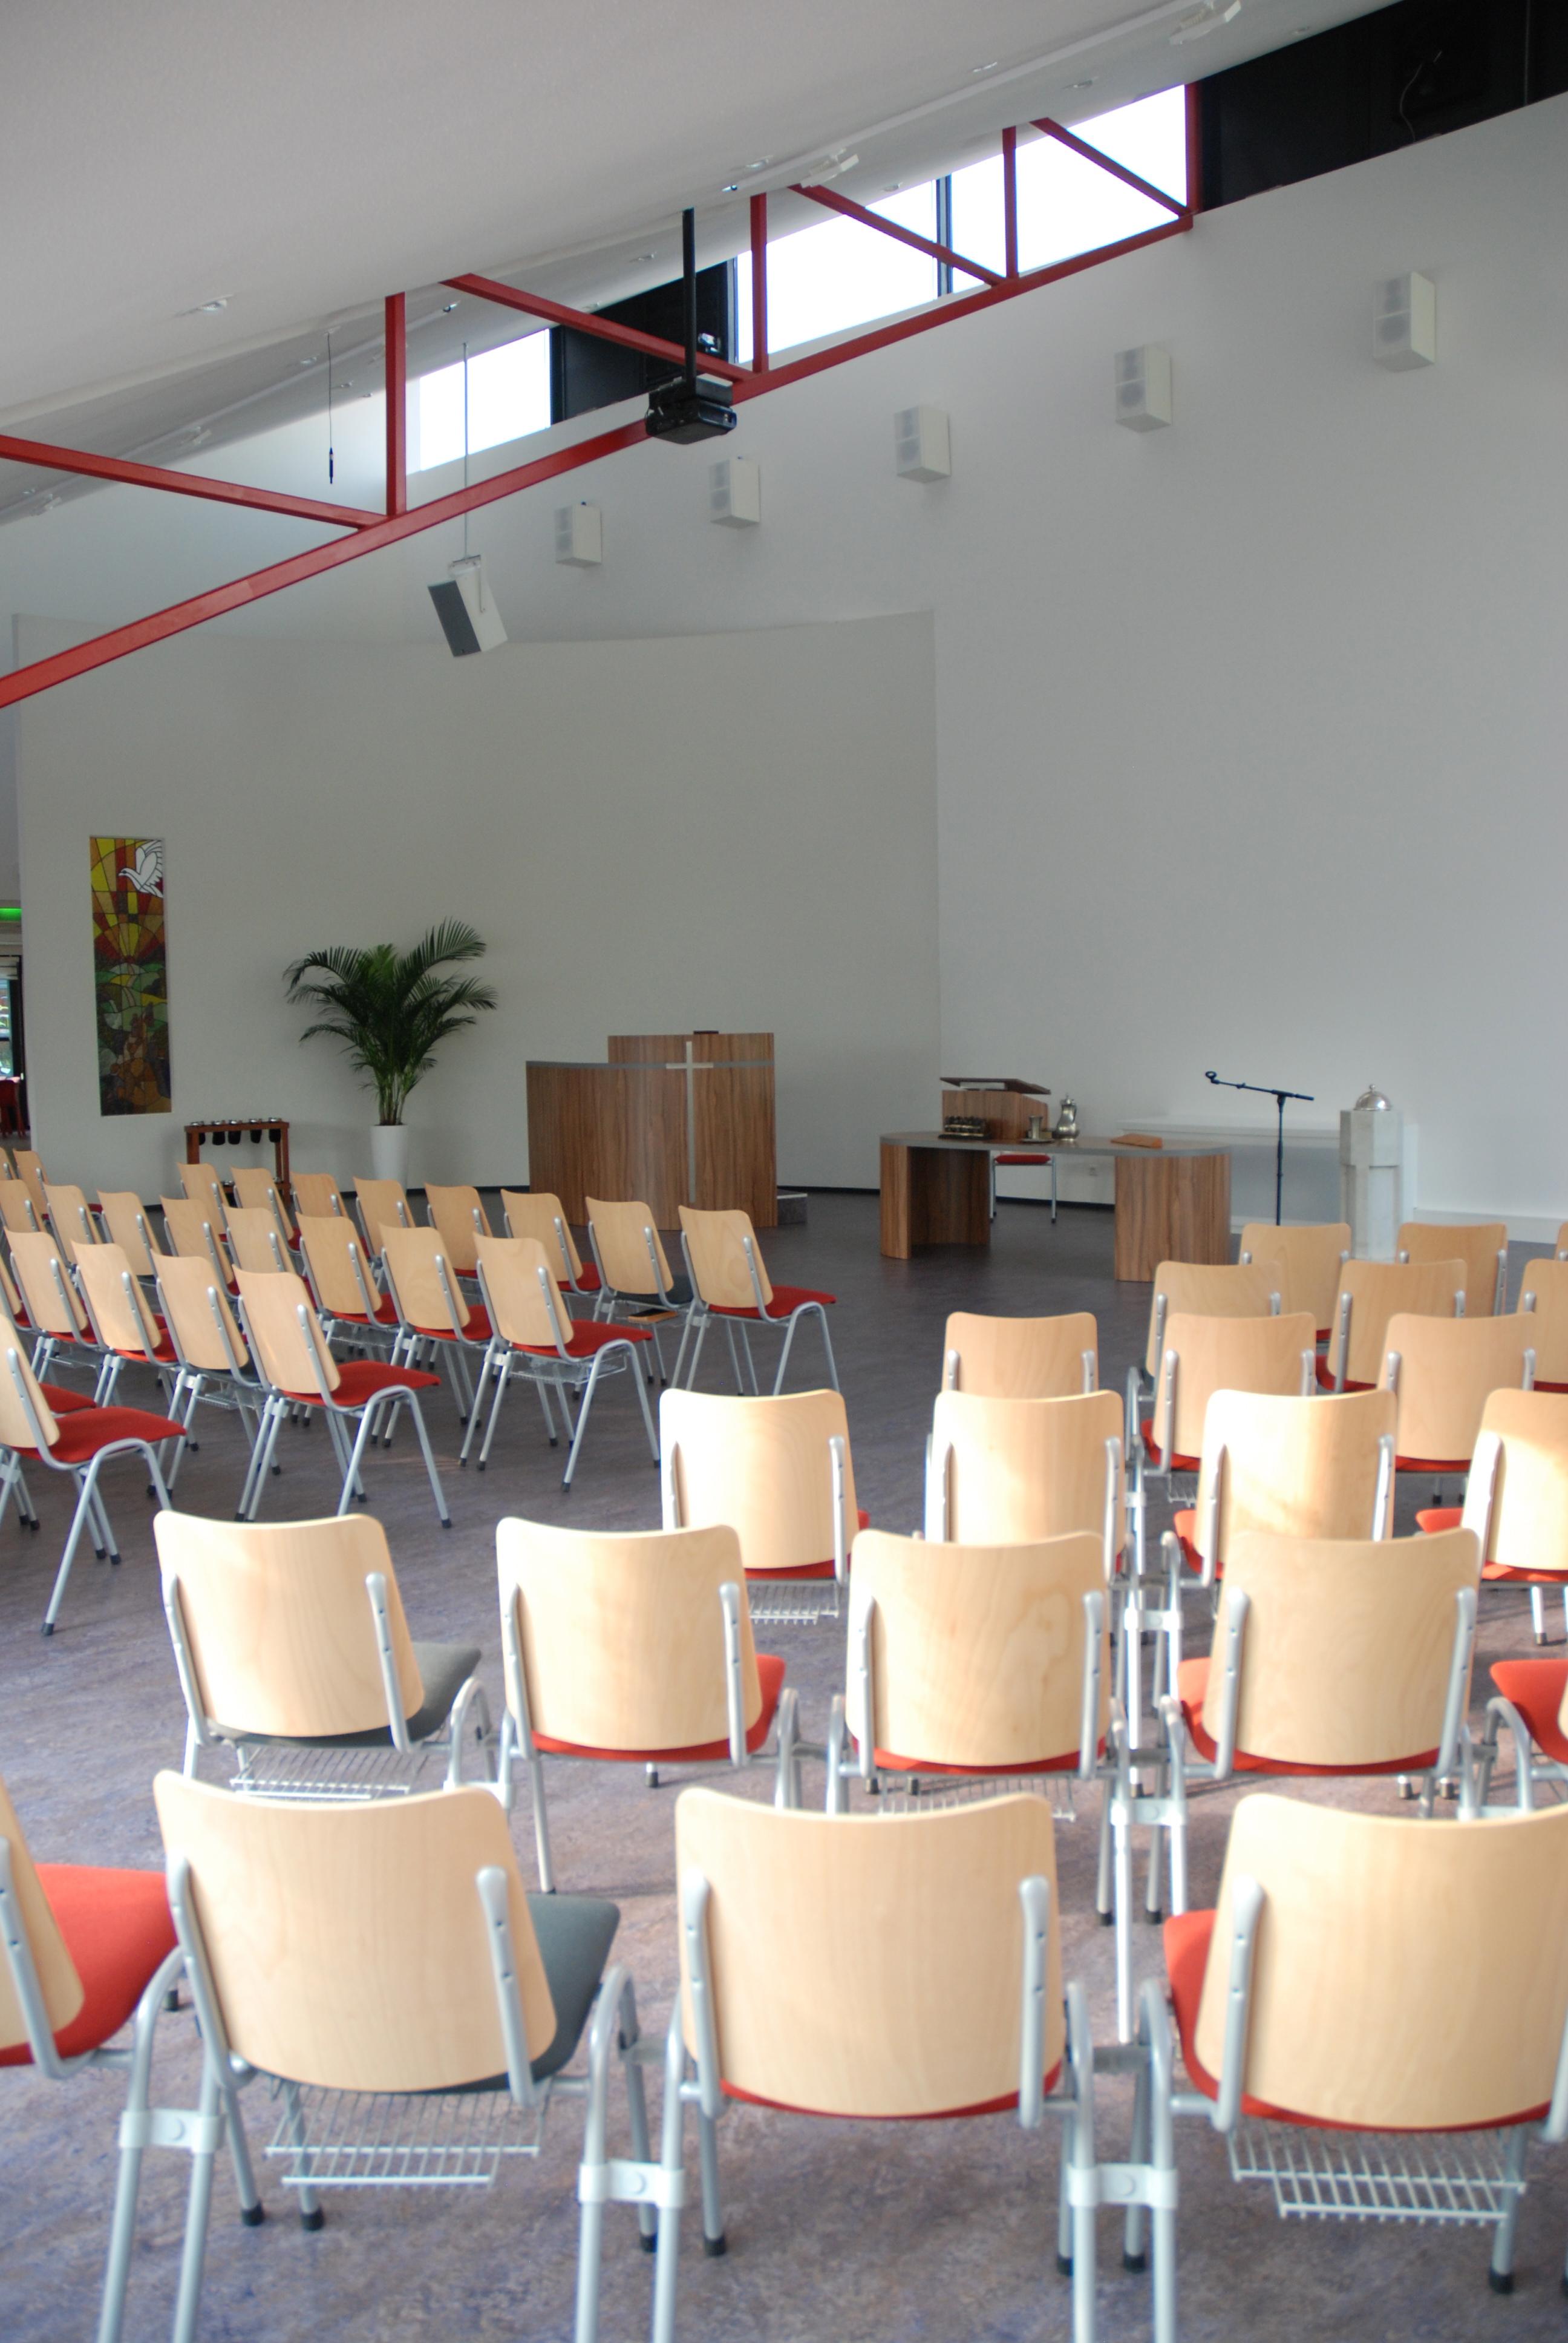 Cgk delft kerkzaal 2 jane architectuur - String kantoor ...